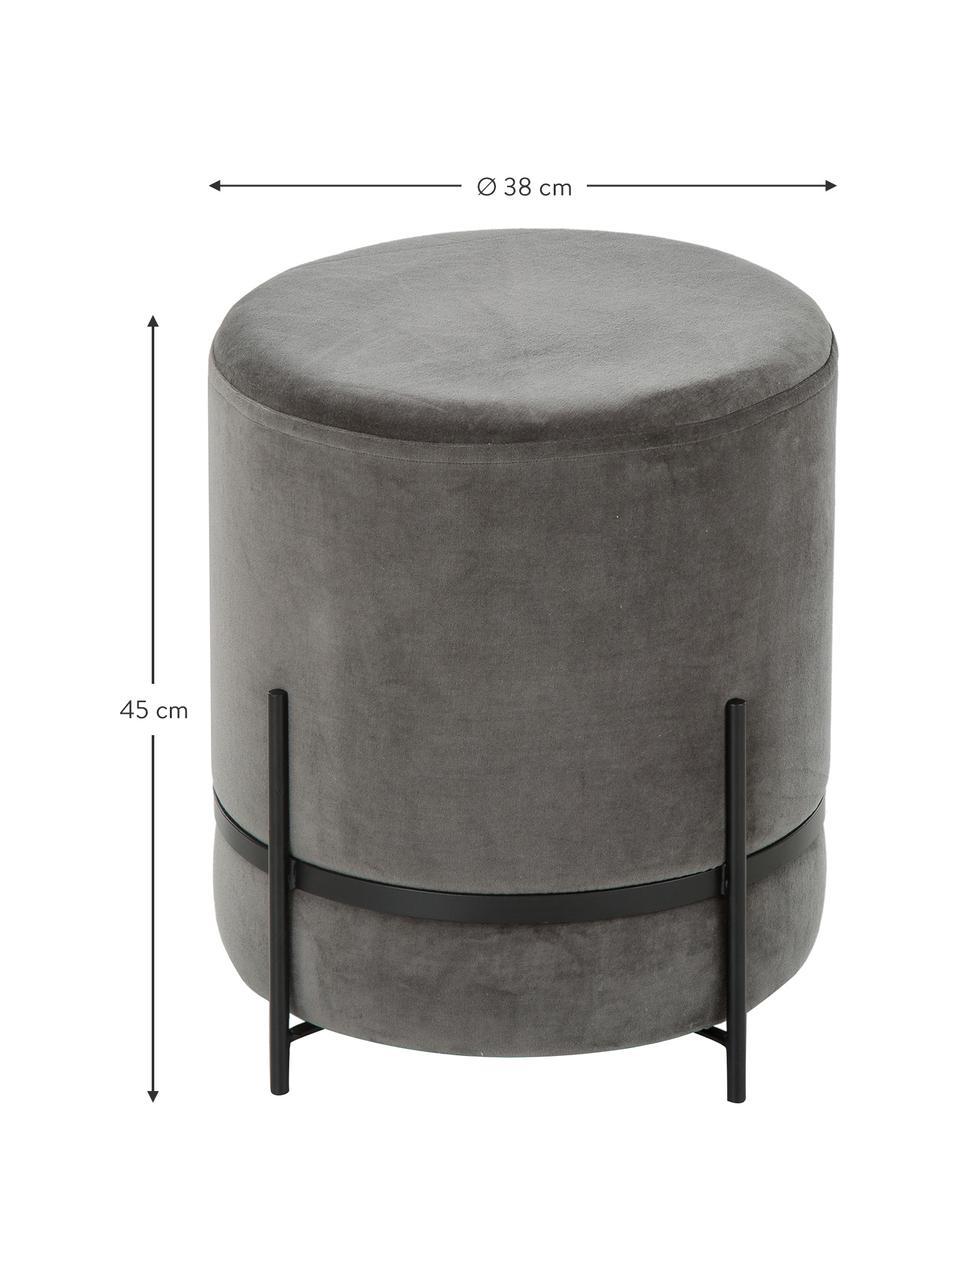 Samt-Hocker Haven, Bezug: Baumwollsamt, Fuß: Metall, pulverbeschichtet, Grau, Schwarz, ∅ 38 x H 45 cm